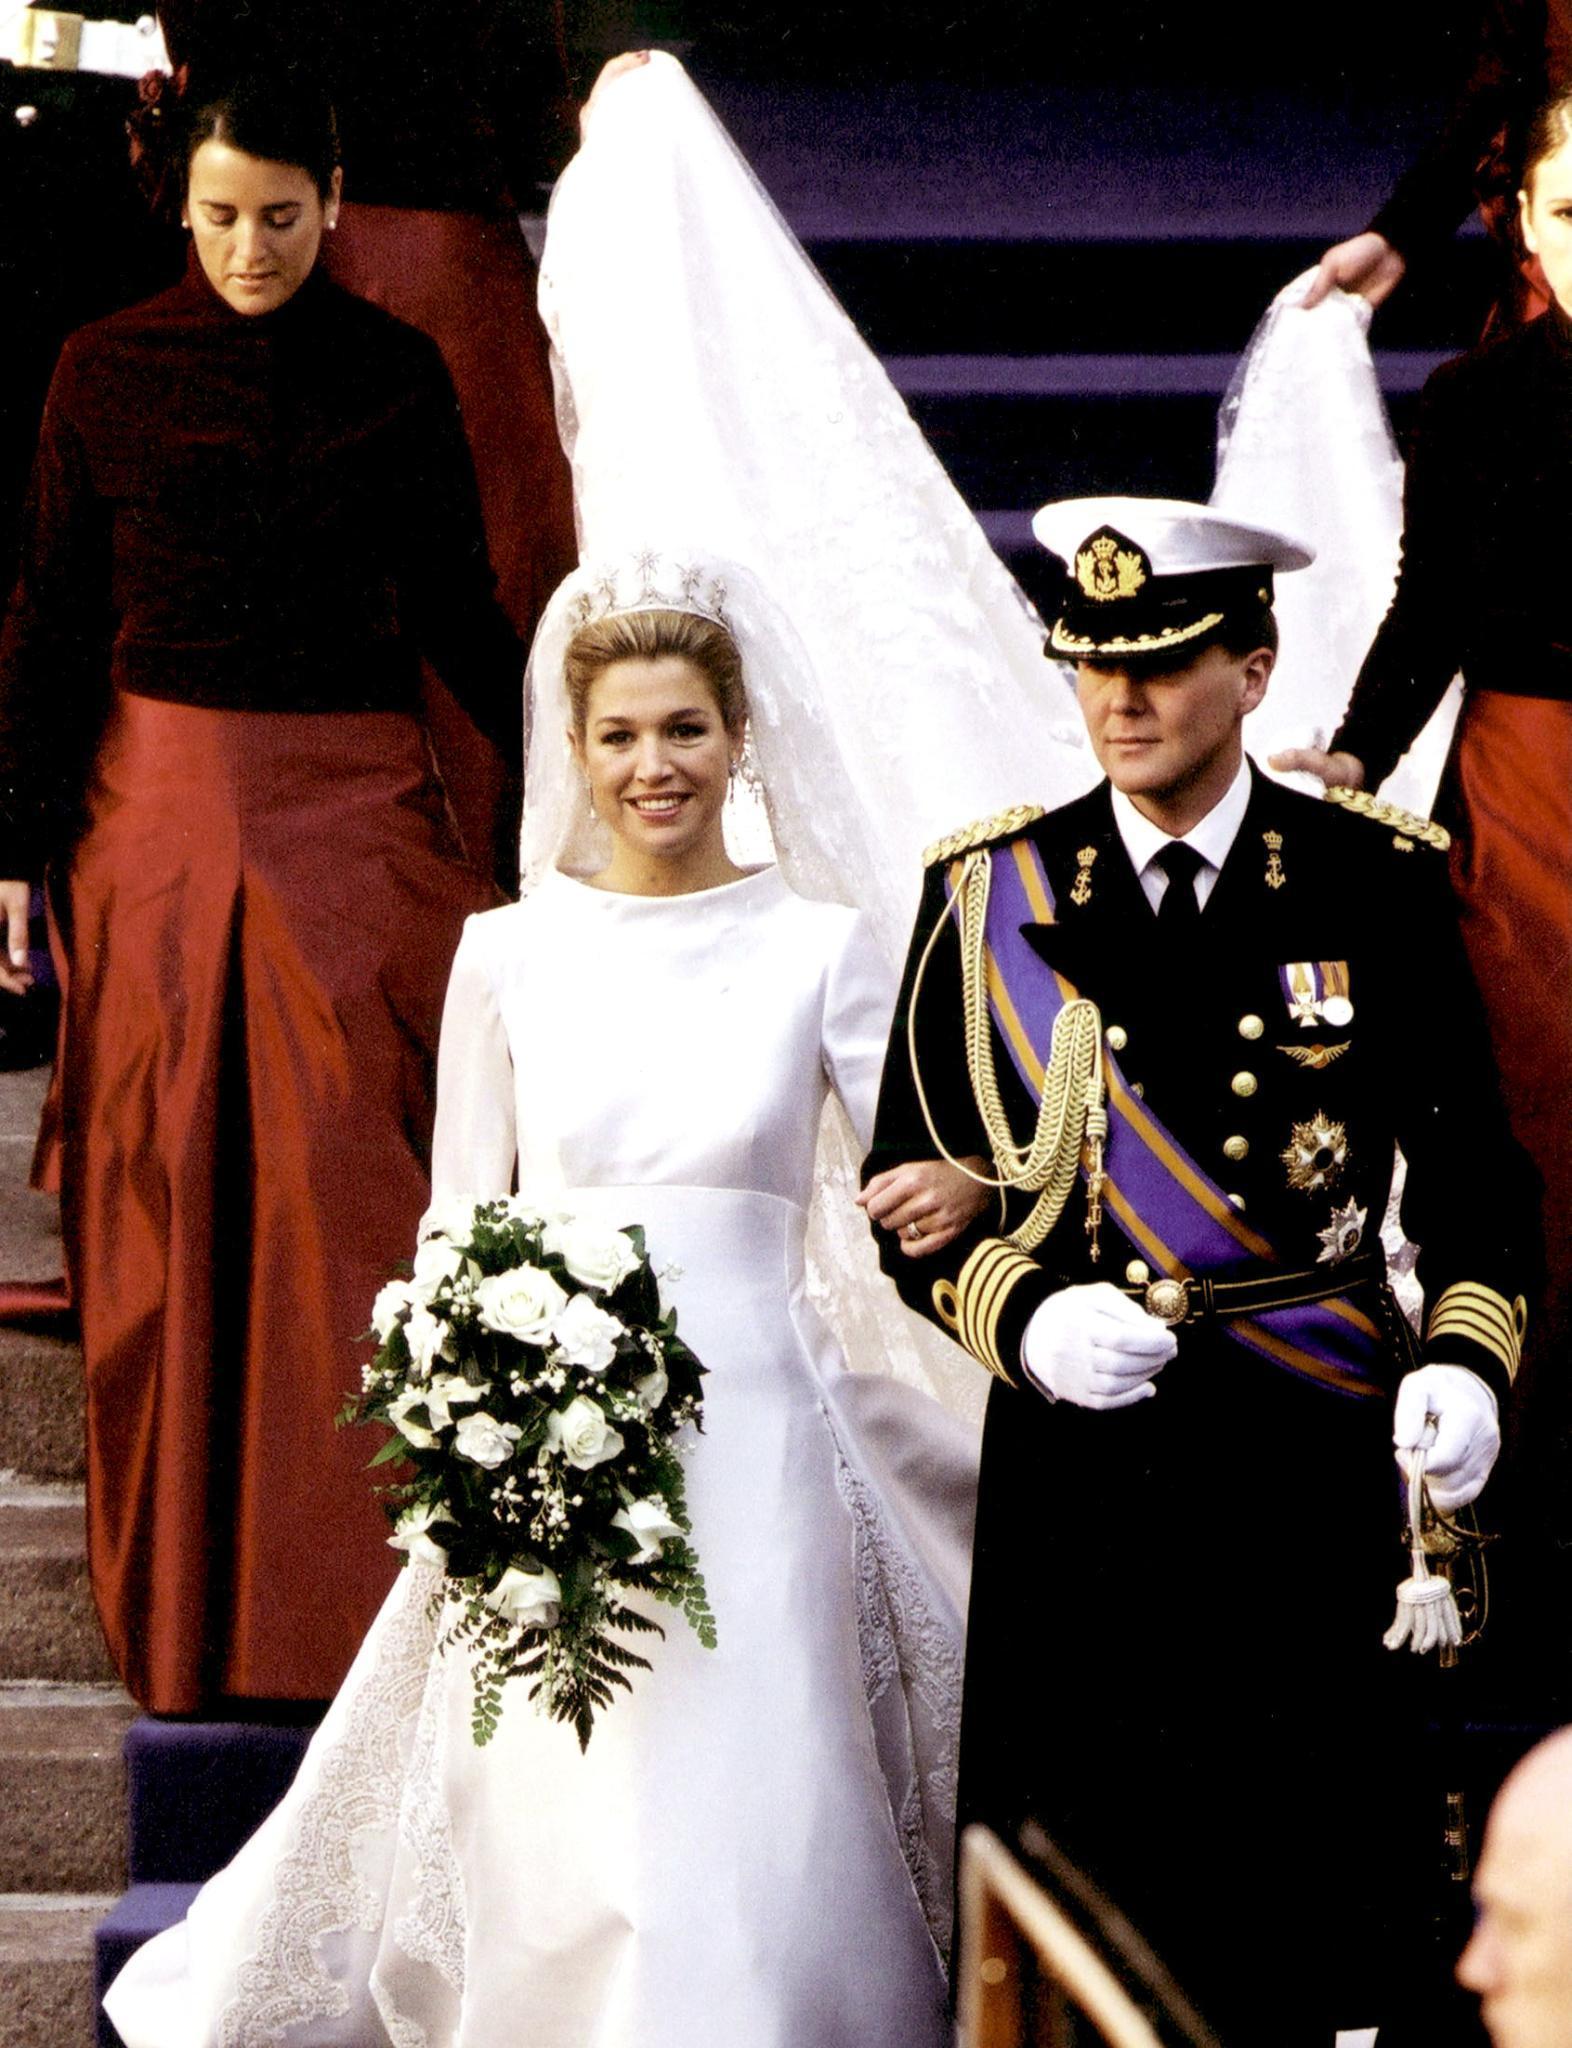 So jung, so schön, so herzerweichend glücklich - die Hochzeit des damaligen Thronfolgerpaares Máxima und Willem-Alexander der Niederlande am 2.2.2002 war eine hochemotionale Angelegenheit.